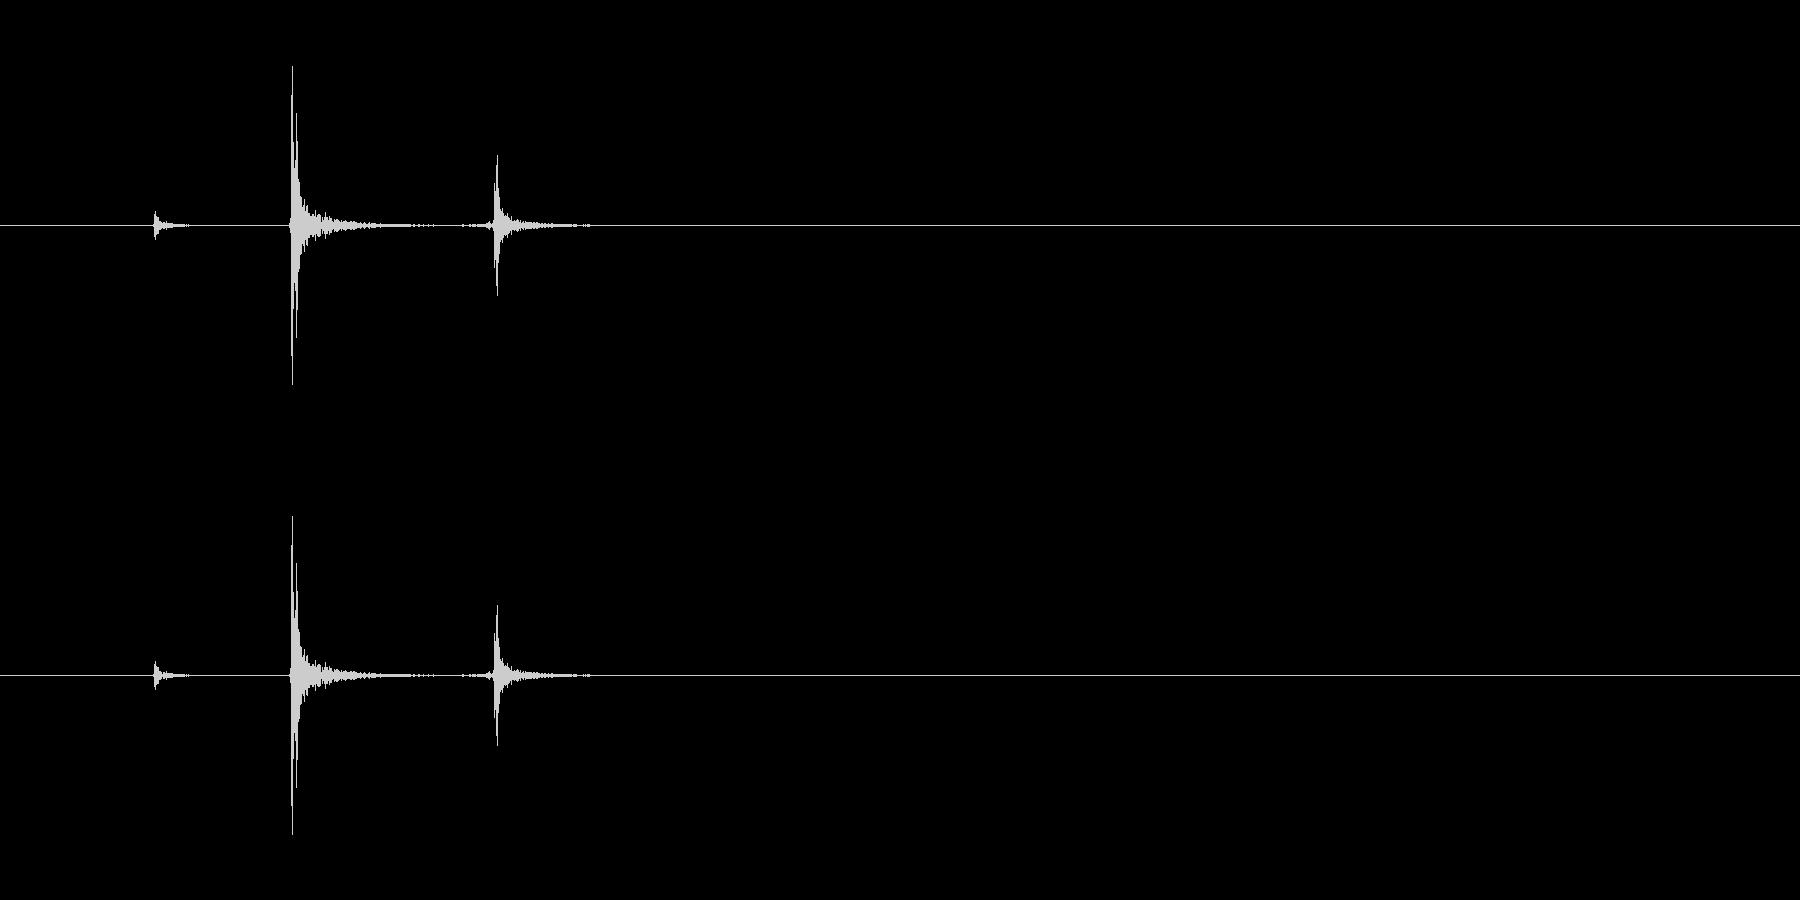 【ホッチキス01-1(留める)】の未再生の波形